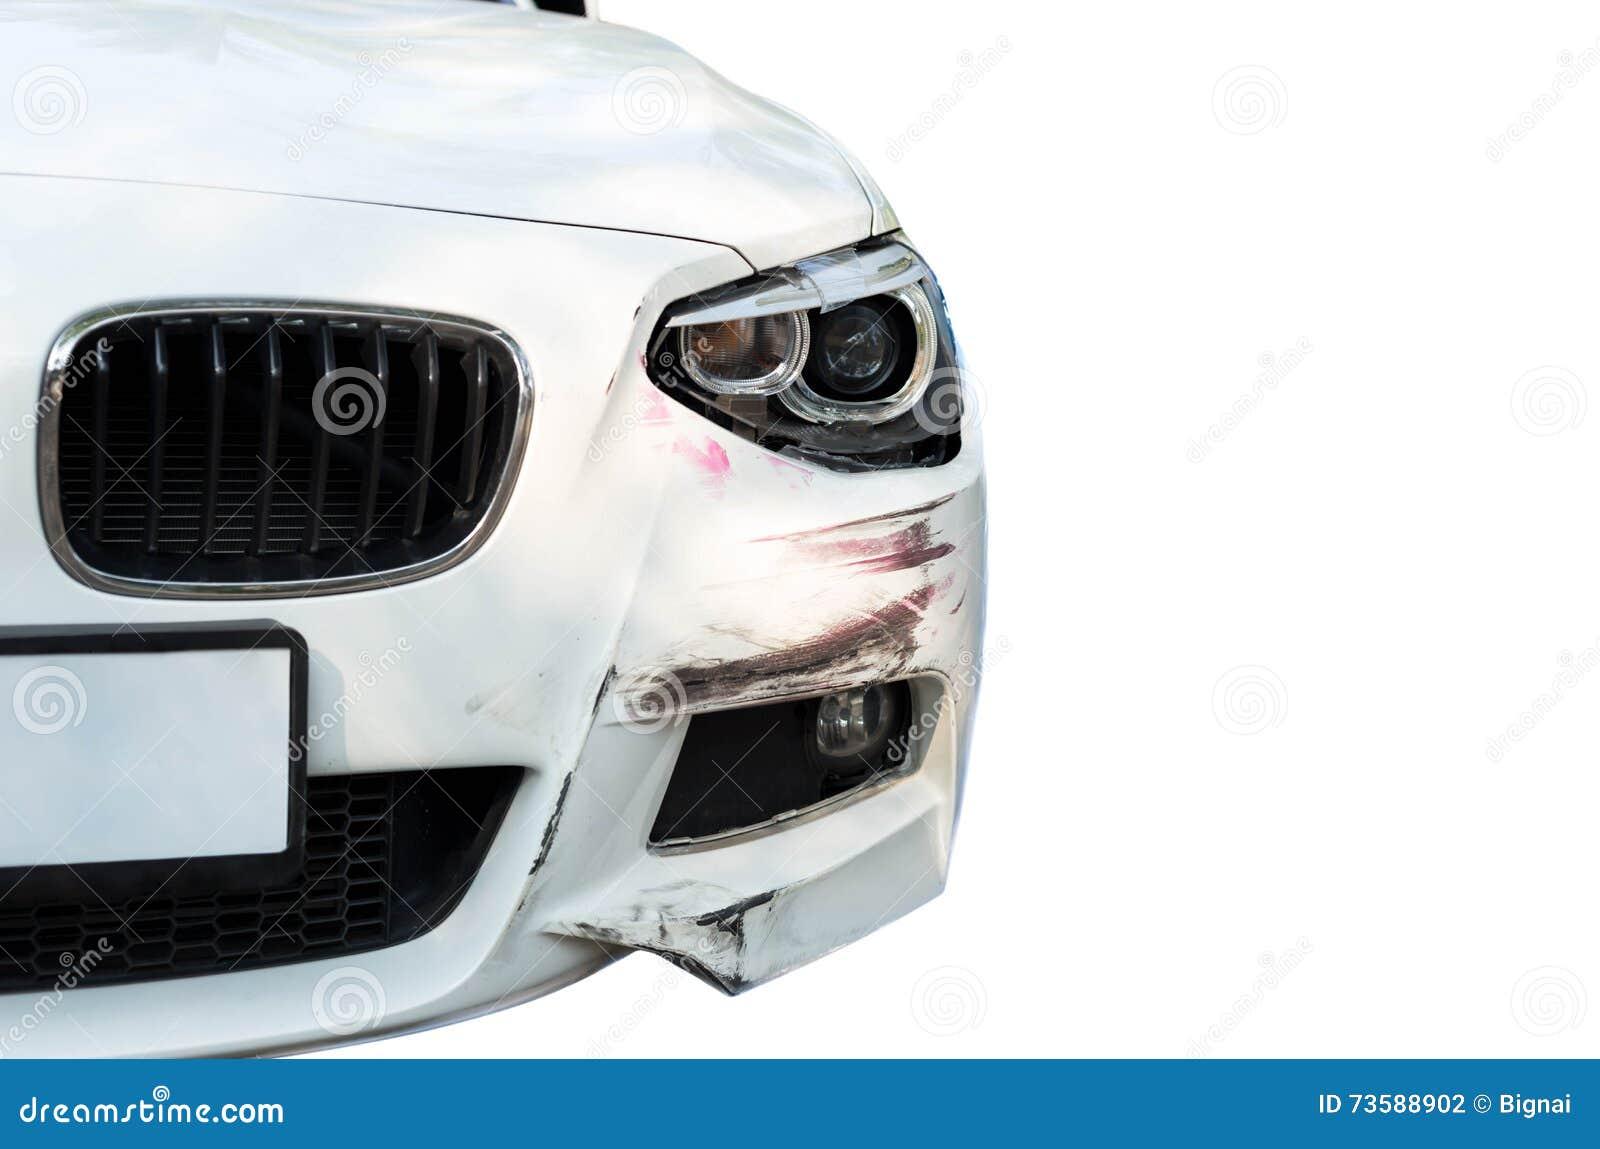 Lichte Schade Autos : Auto een ongeval met hoofd lichte schade stock foto afbeelding